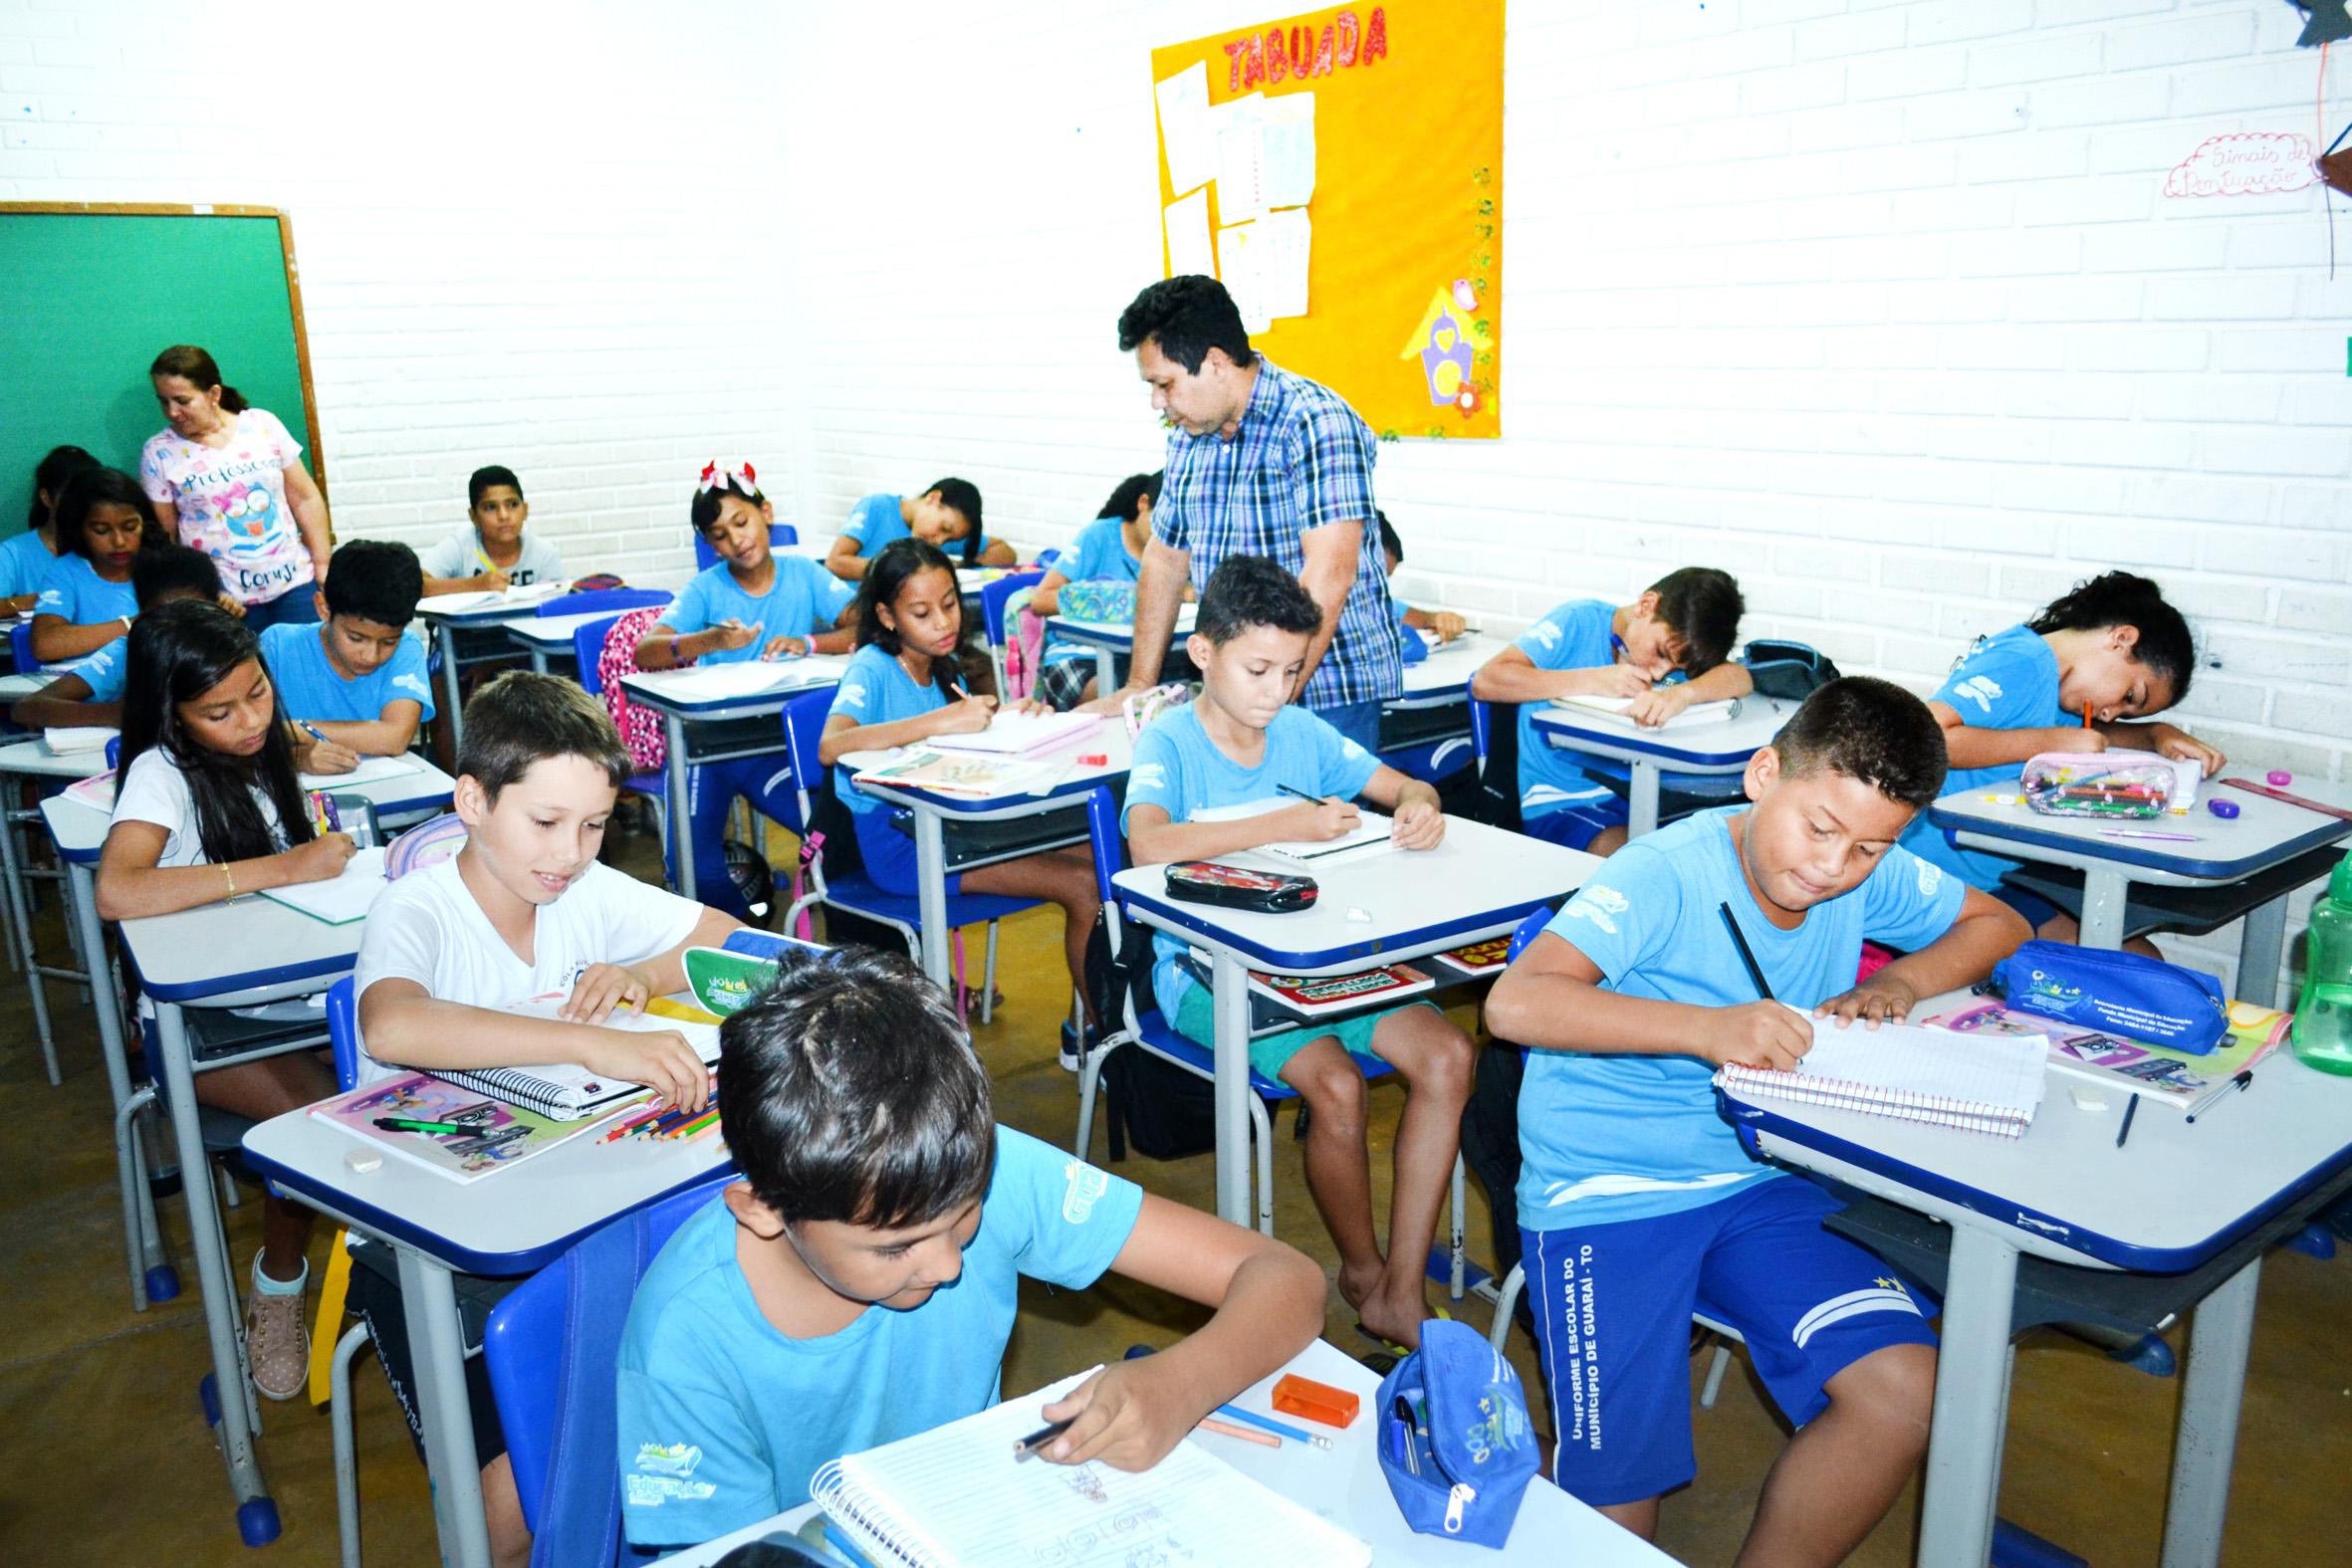 Guaraí reajusta em 12,84% piso dos professores, mas SINTET cobra correção das tabelas